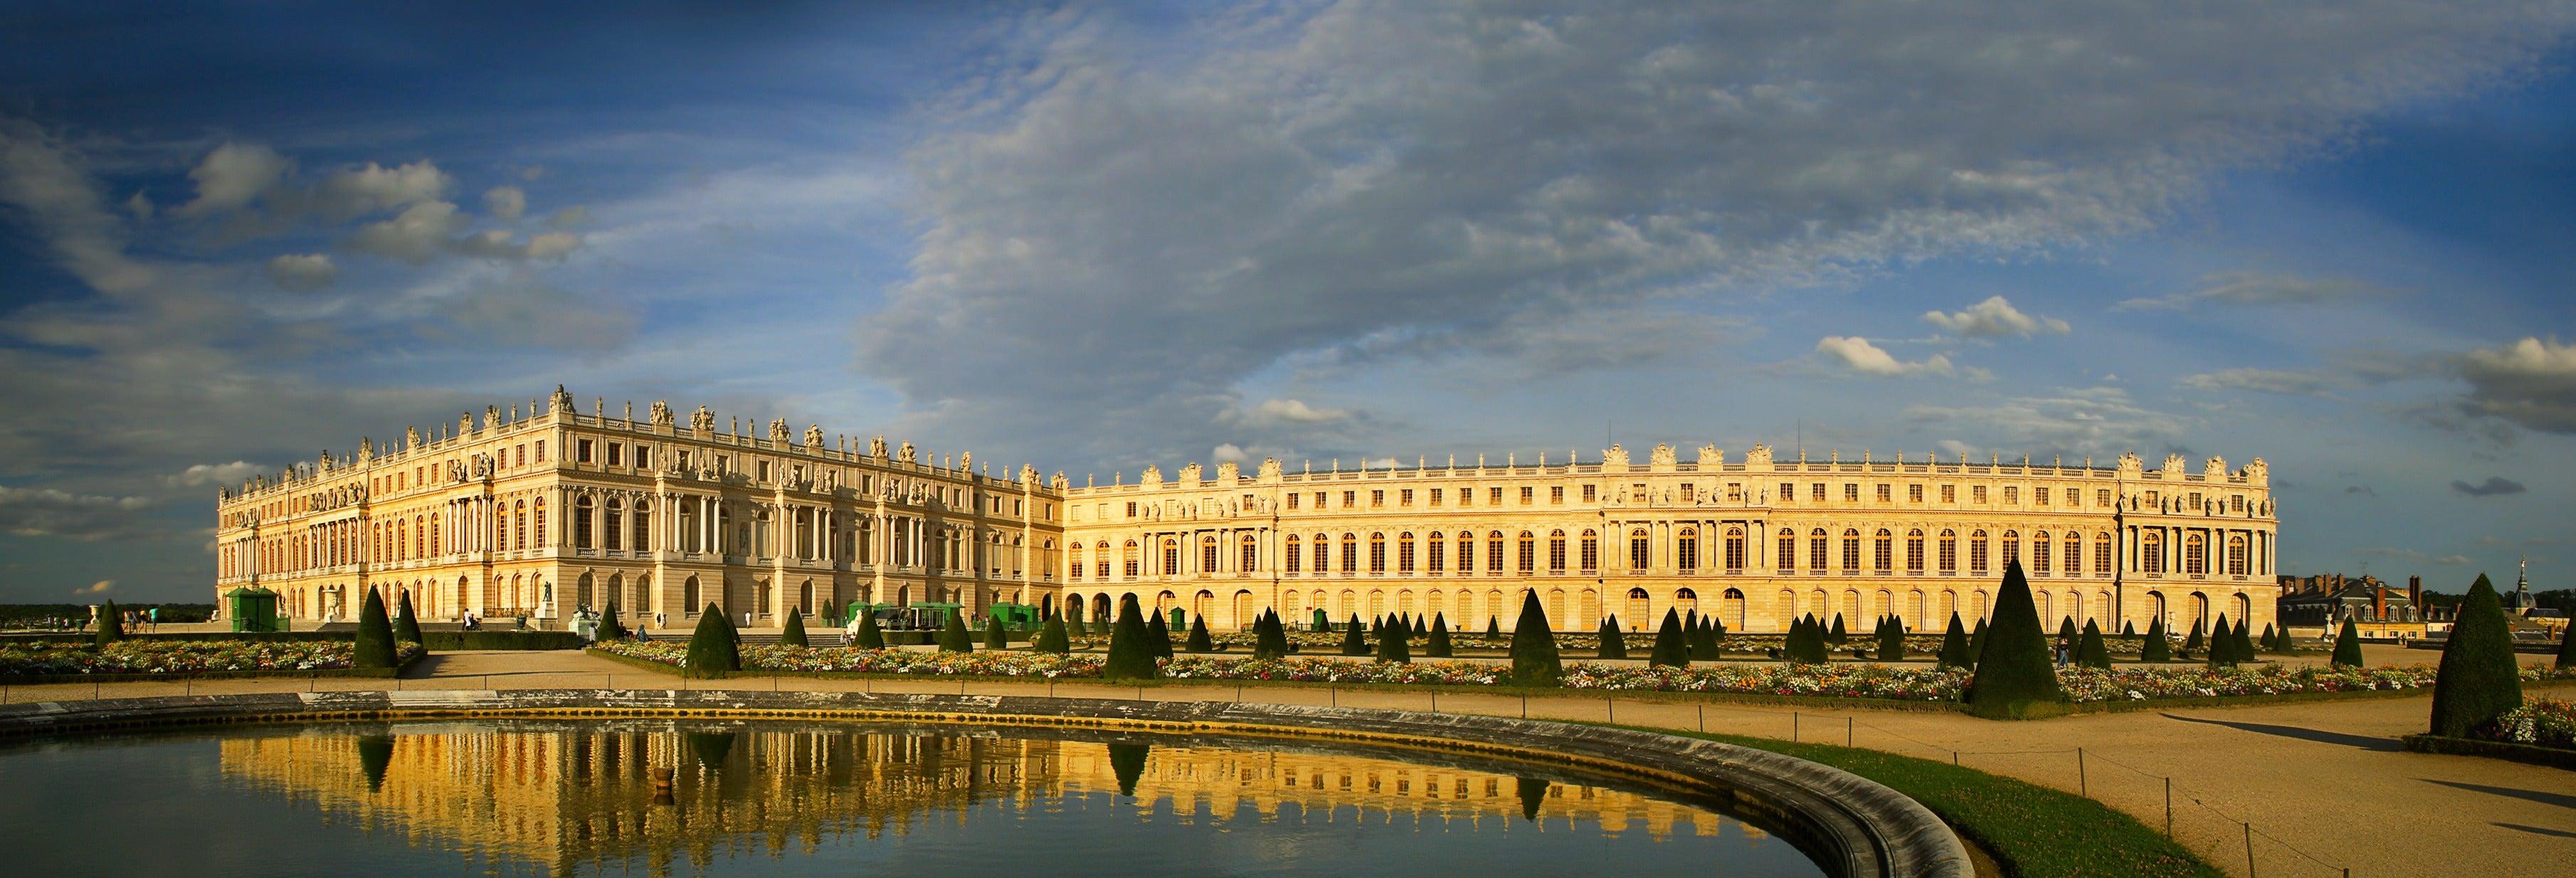 Visita guiada por el Palacio de Versalles